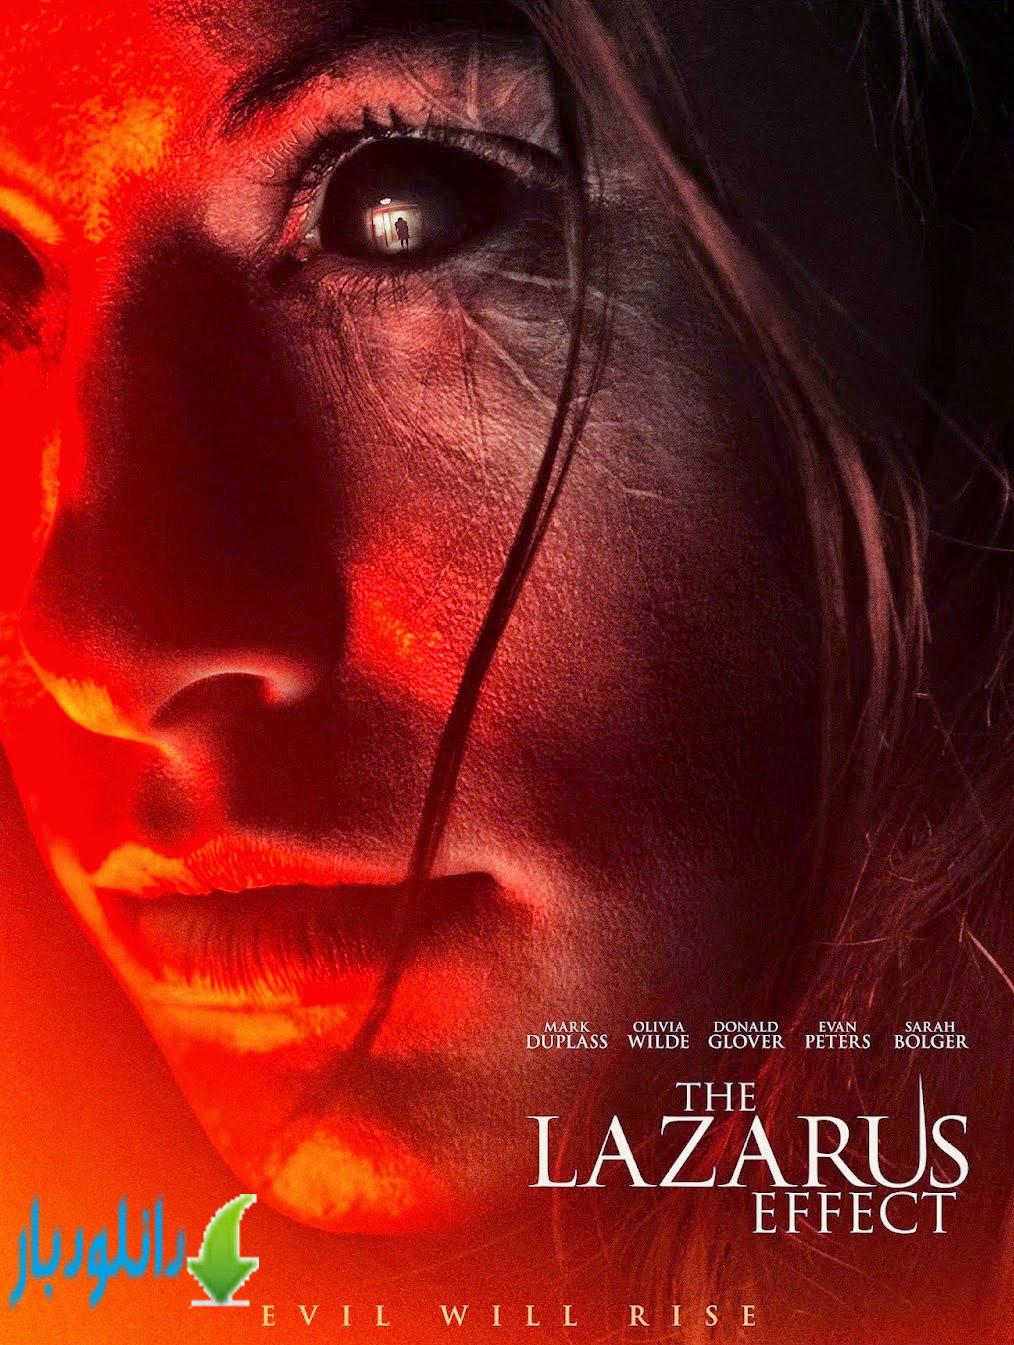 فیلم سینمایی اثر لازاروس -The Lazarus Effect 2015+دانلود